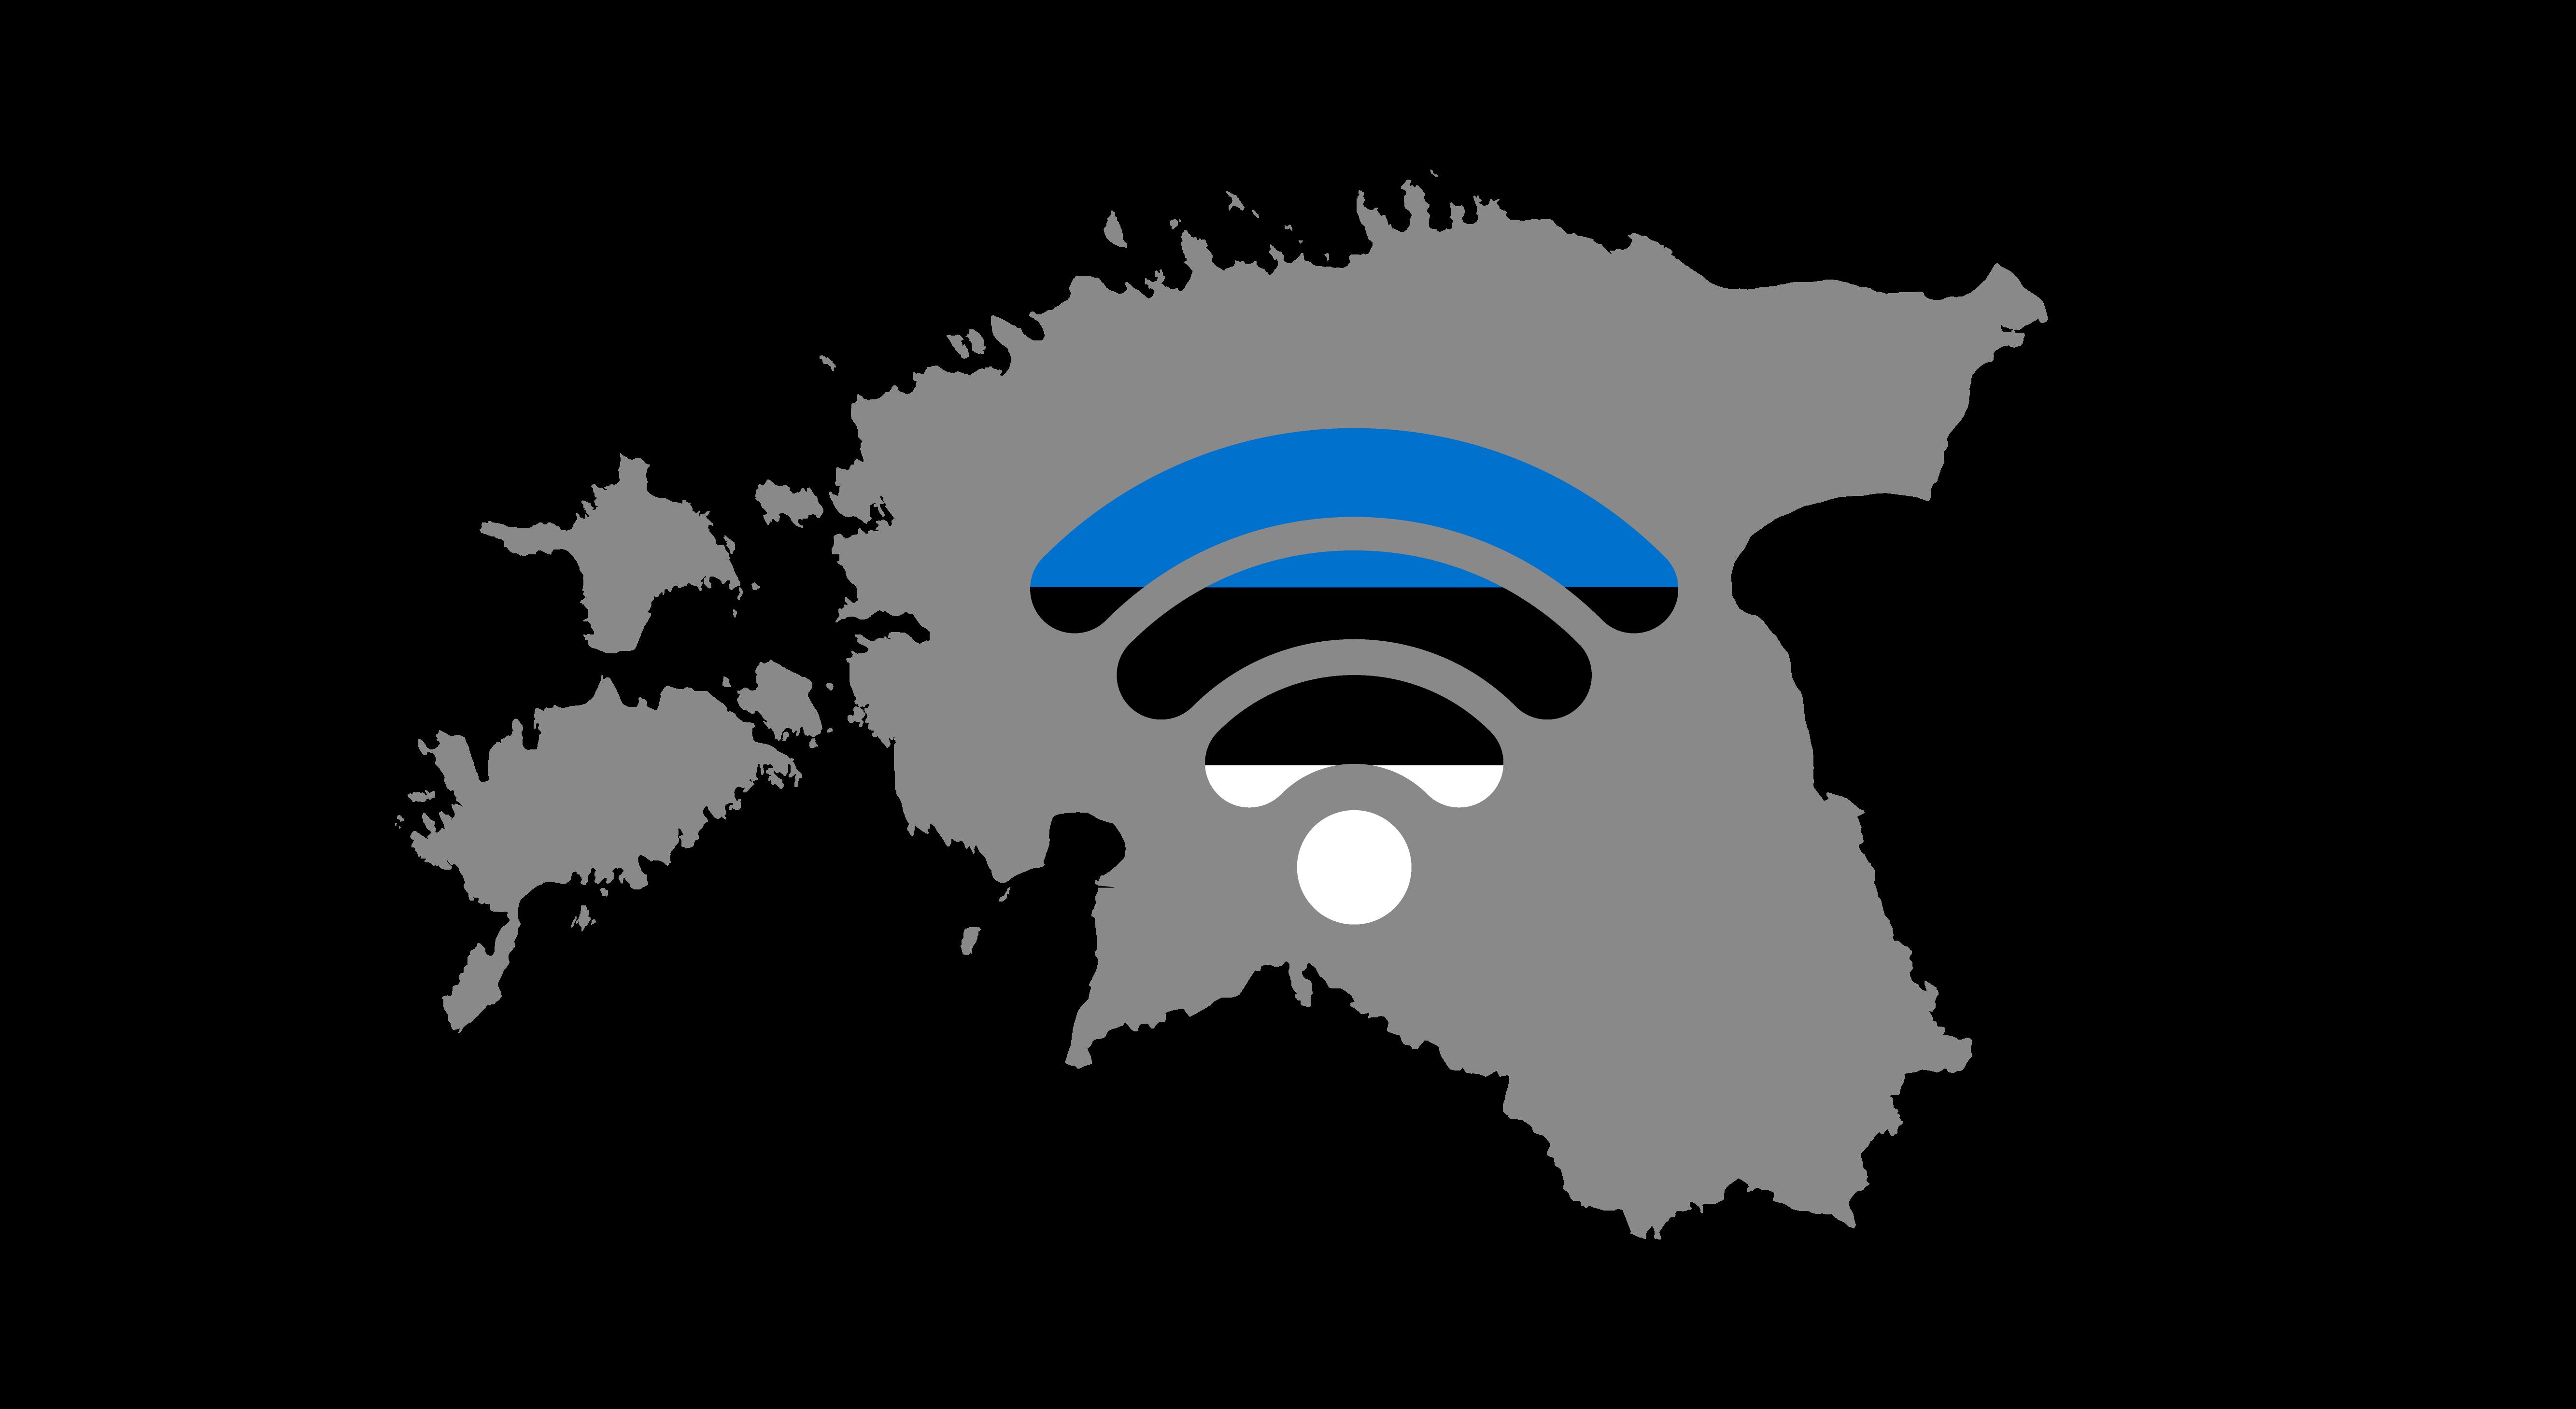 Estonia, considerada la primera nación digital